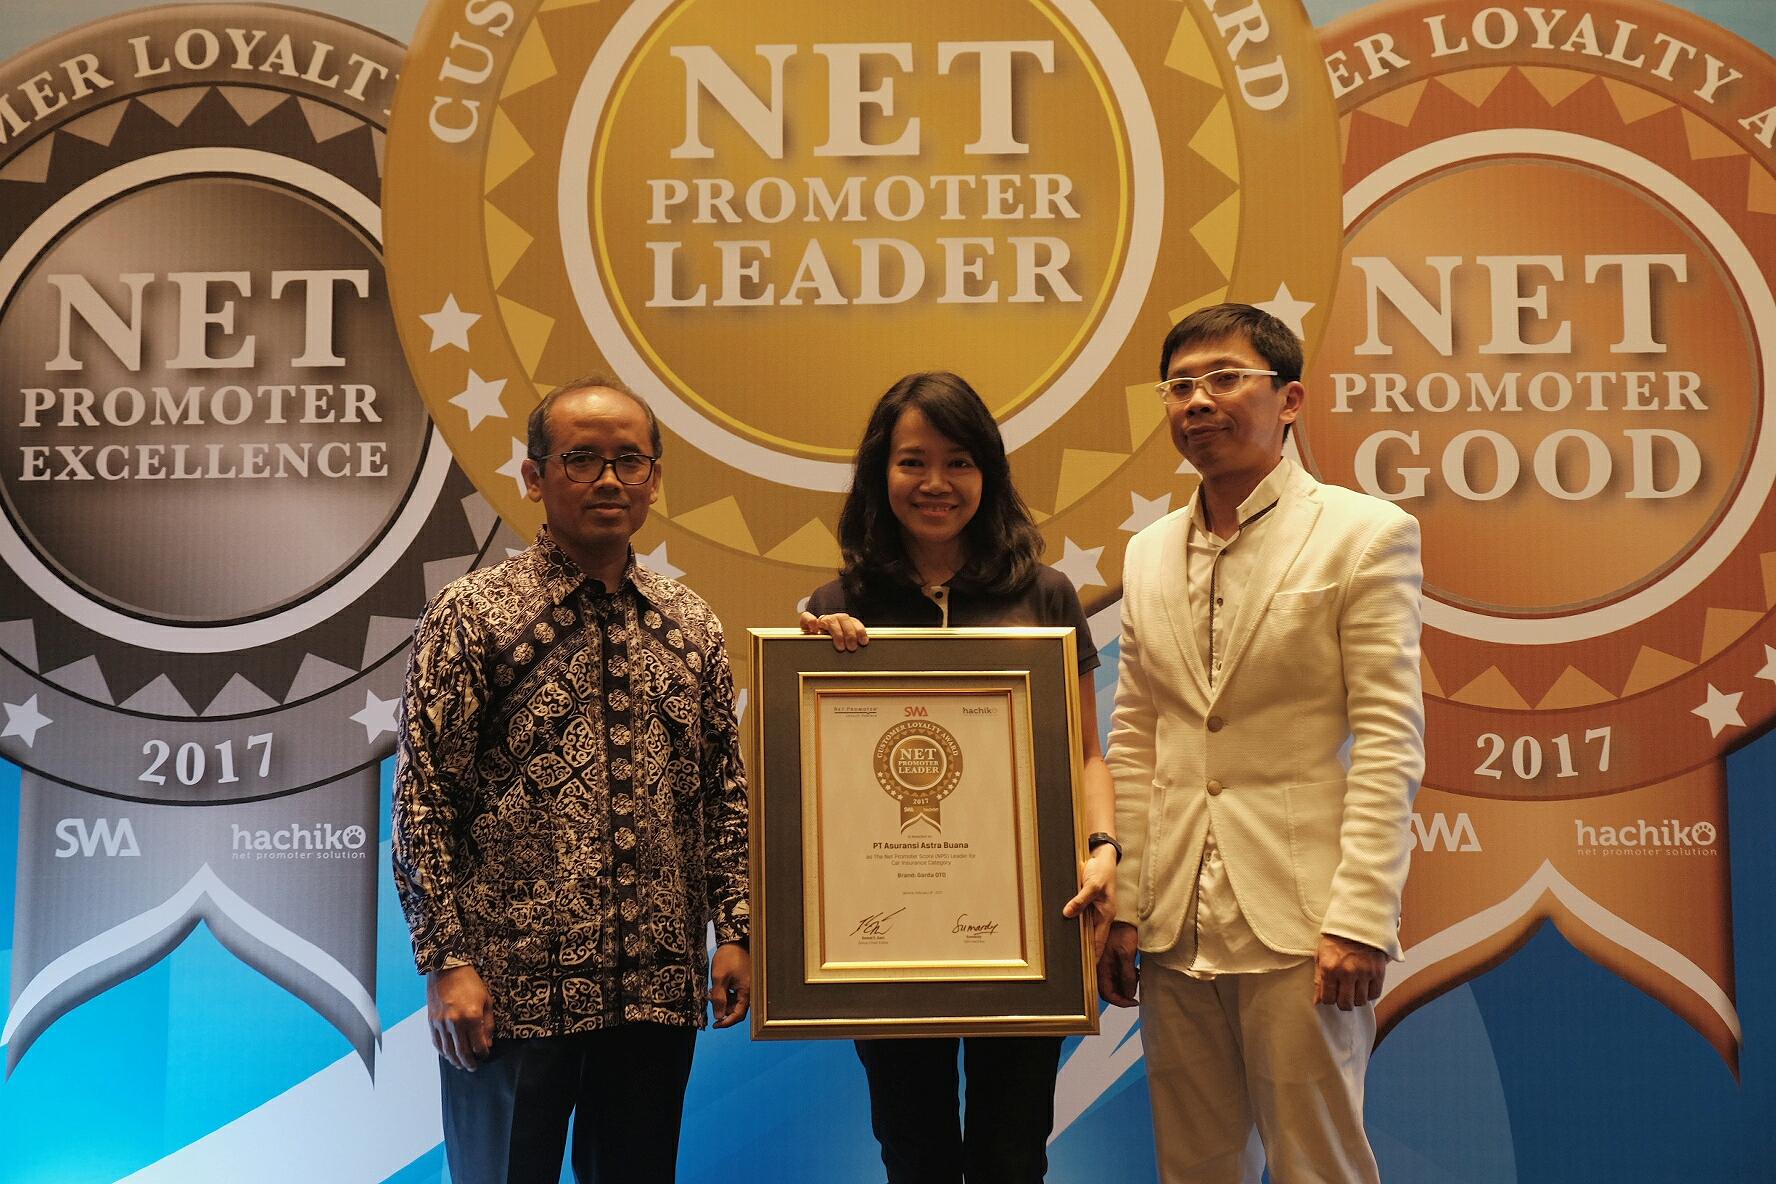 Fransisca Mulia, VP Service Management Asuransi Astra (tengah) berkesempatan menerima Net Promoter Award 2017 dari Majalah SWA